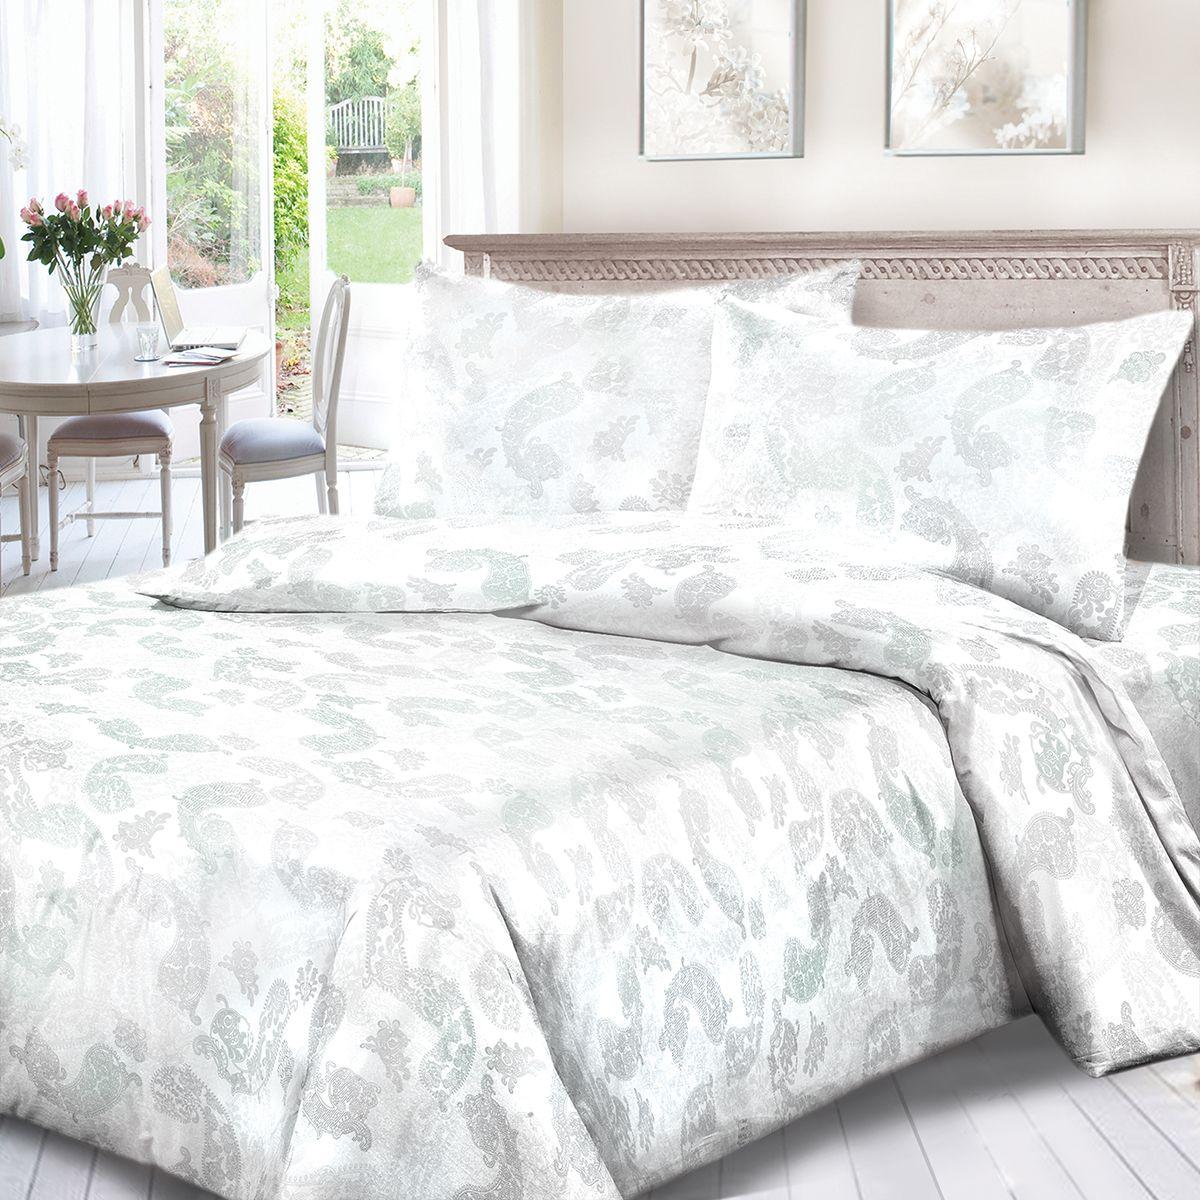 Комплект белья Сорренто Жаккард, евро, наволочки 70x70, цвет: белый. 3558-180275